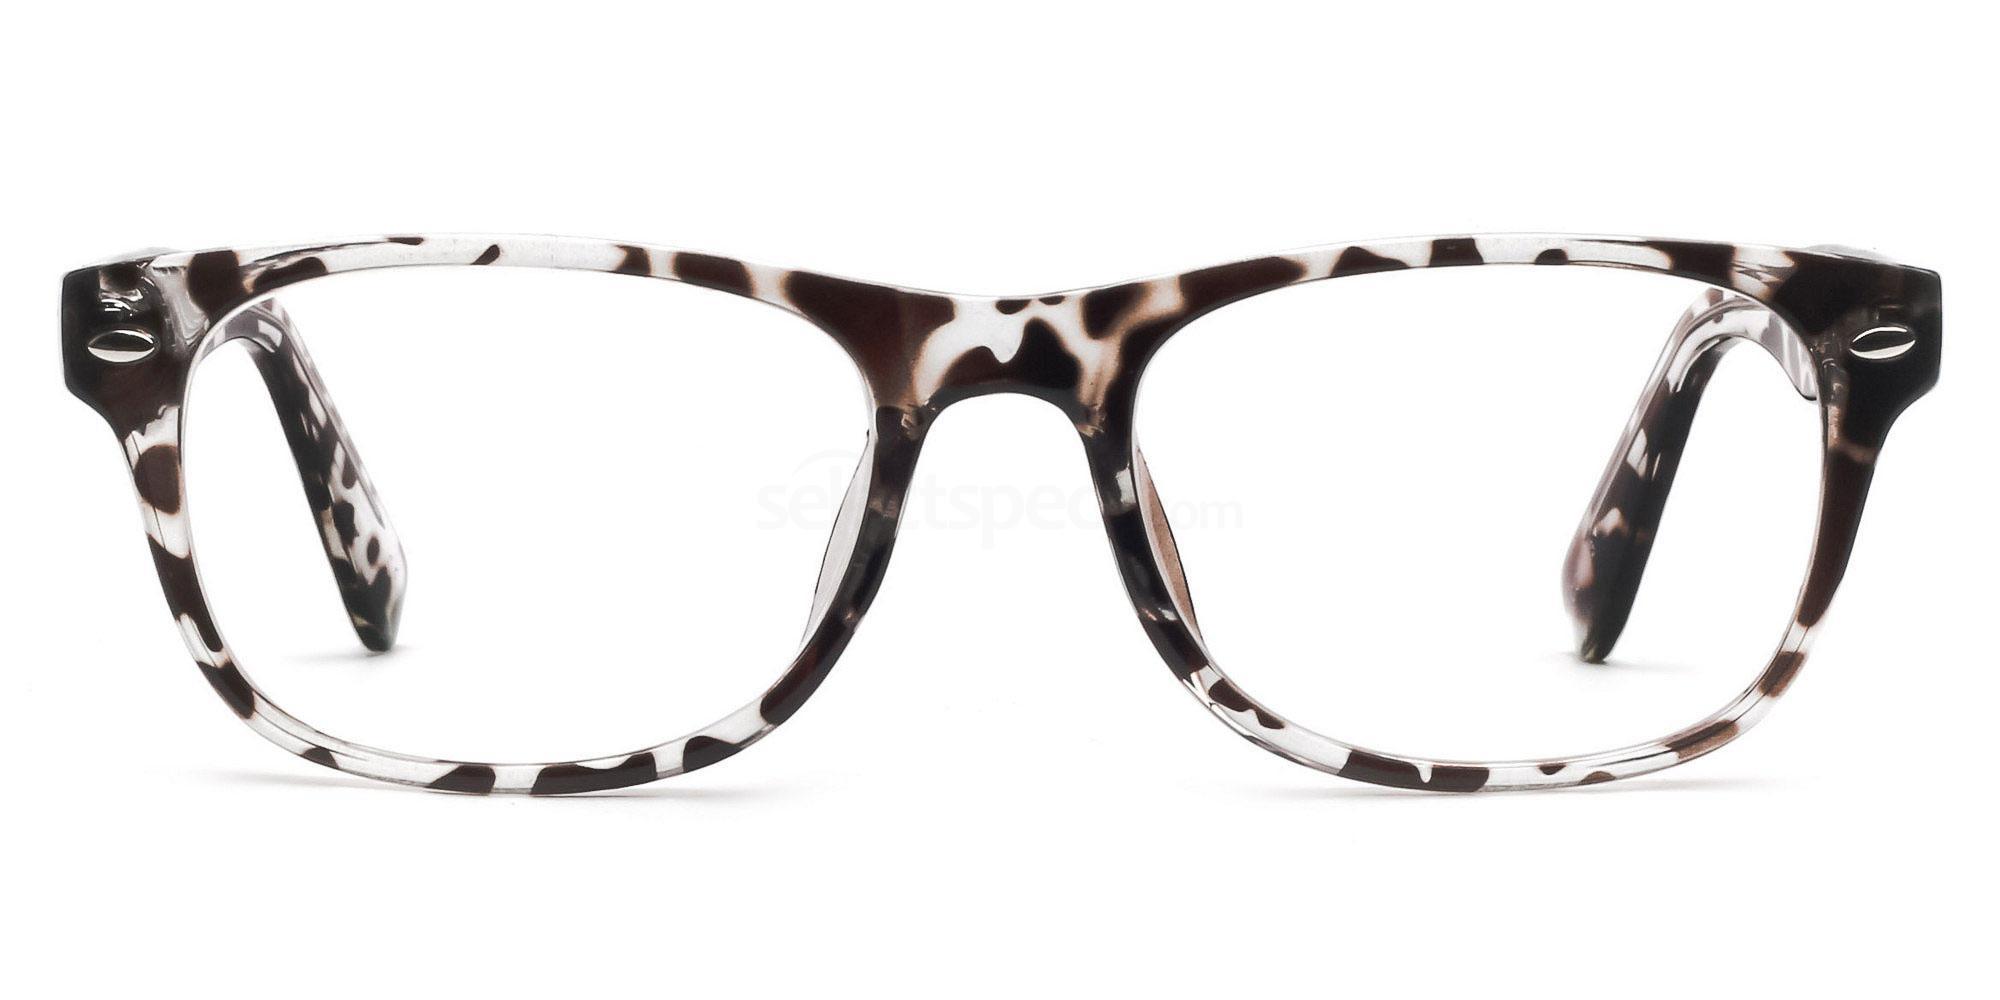 C03 P2383 - Animal Print Glasses, Savannah